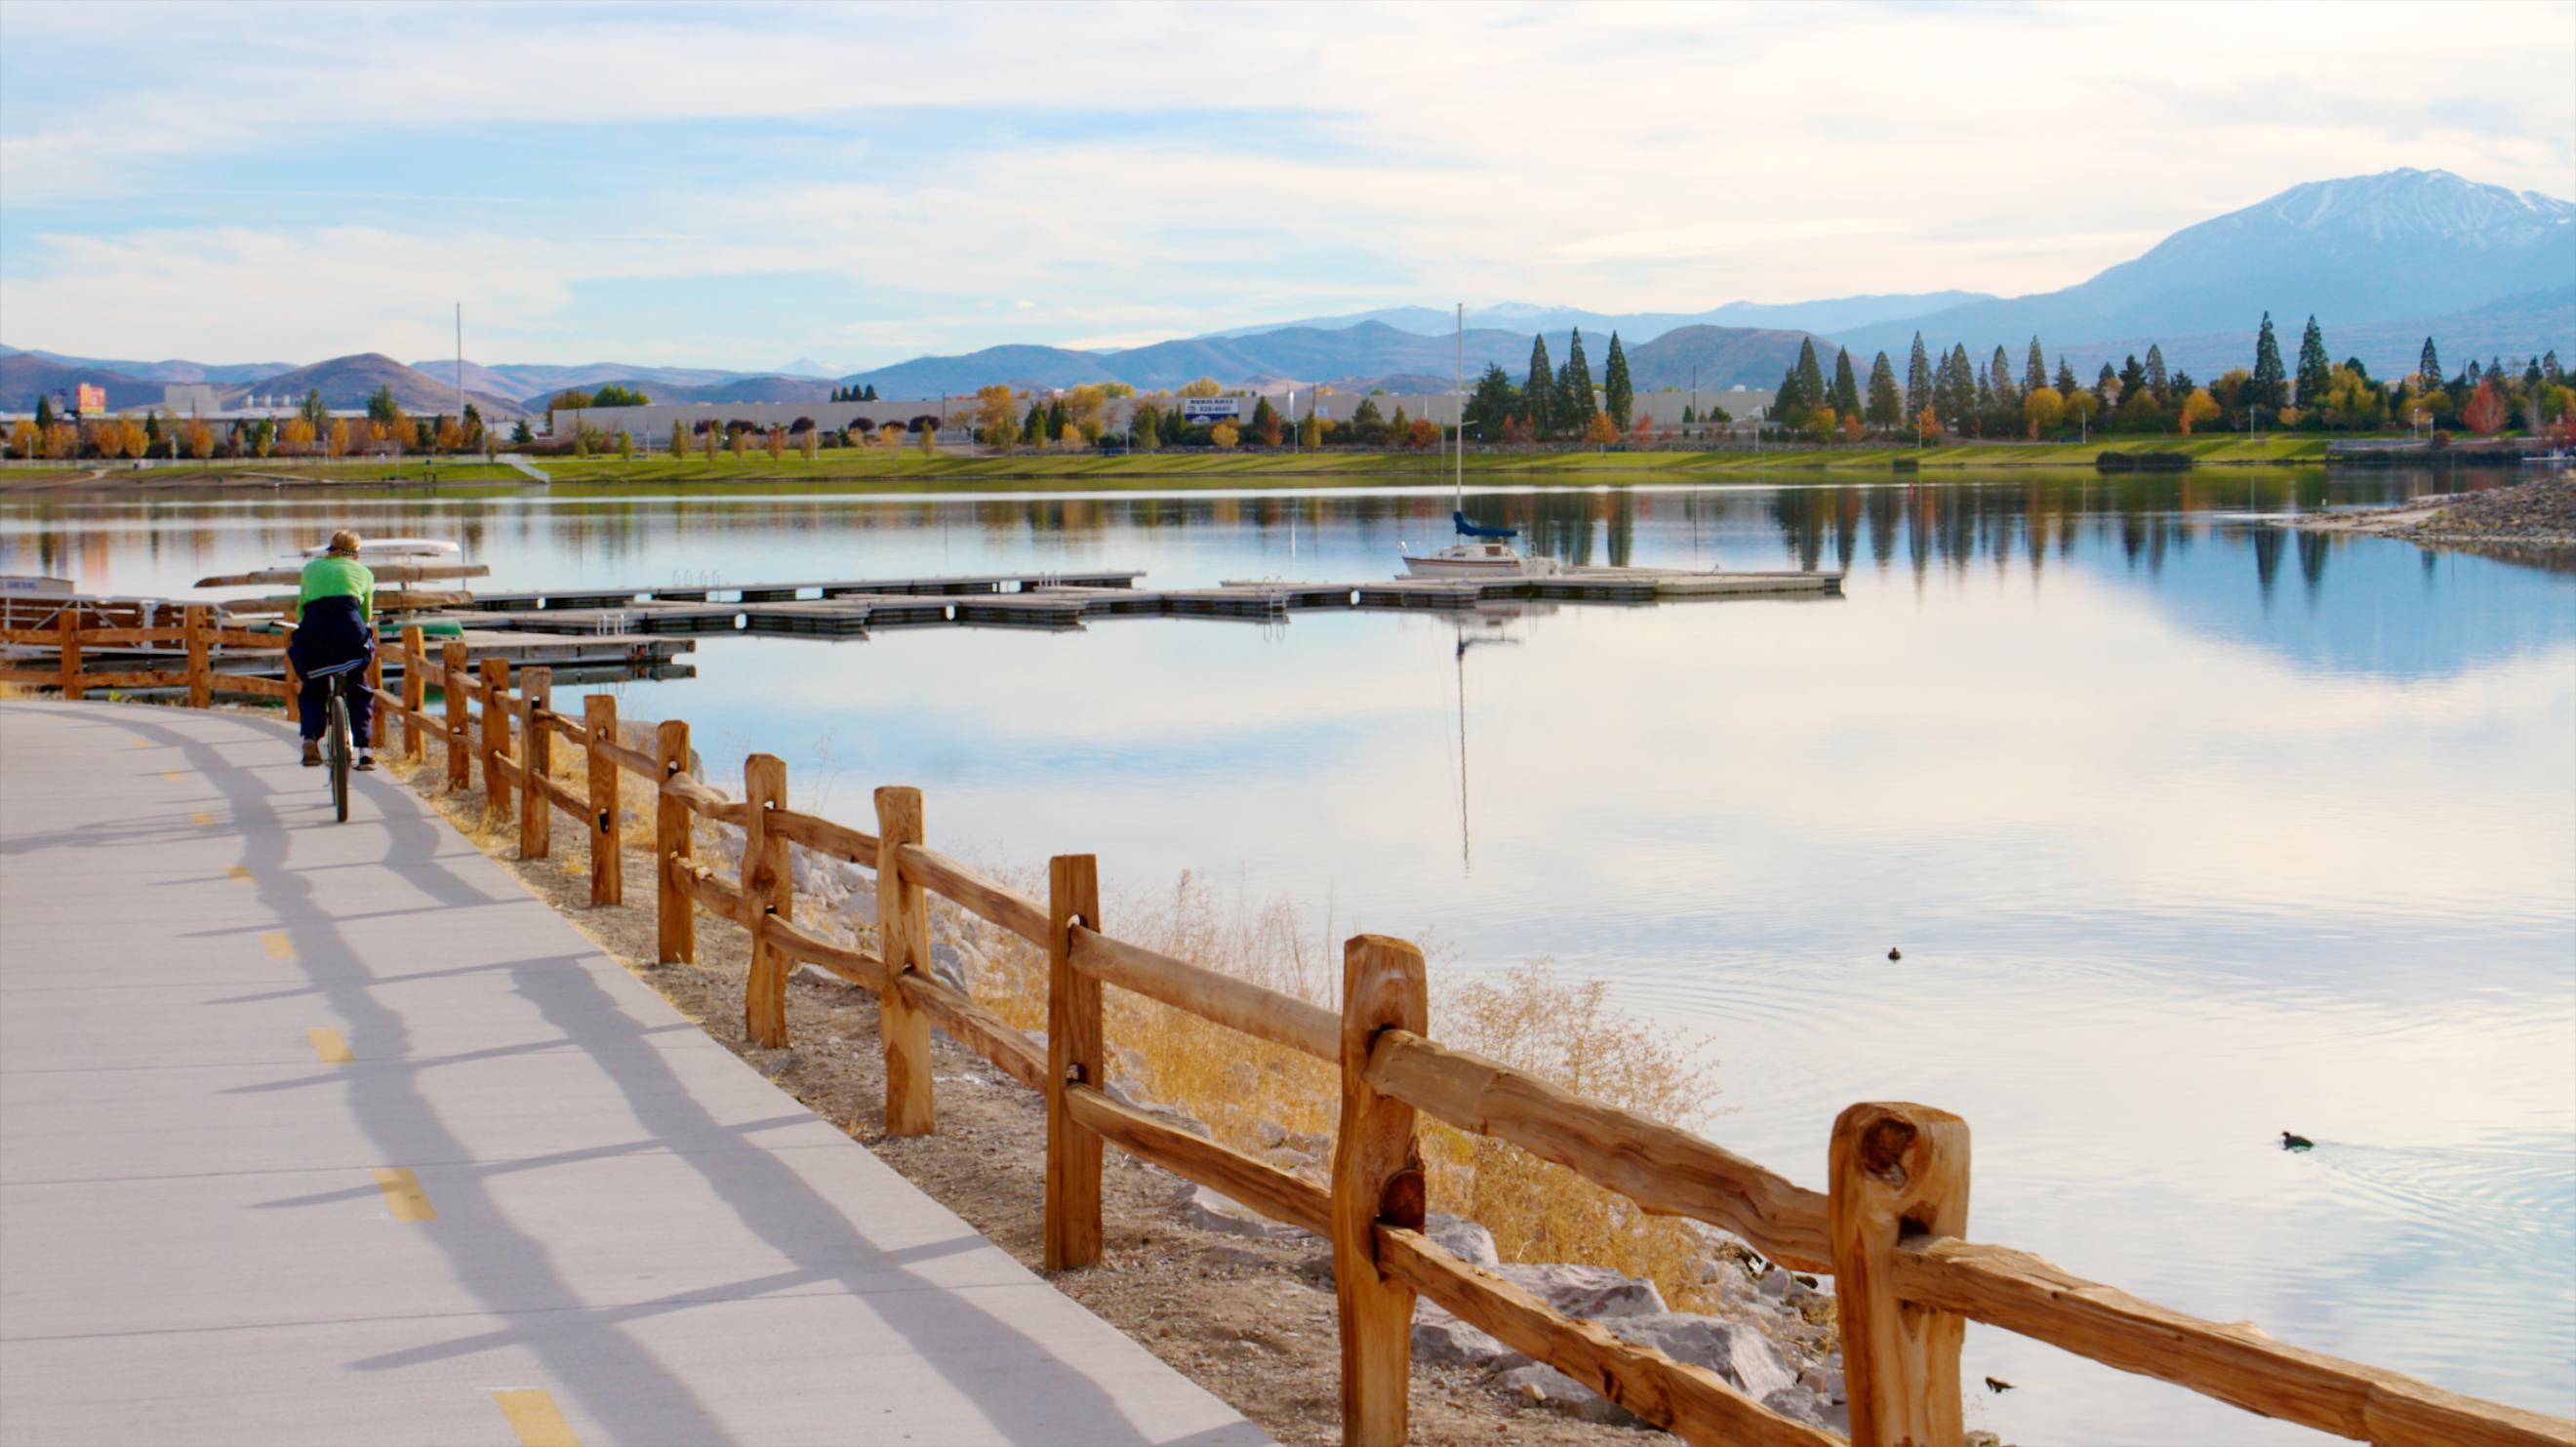 Top 10 Reno Hotels In Nv 35 2019 Reno Hotel Deals